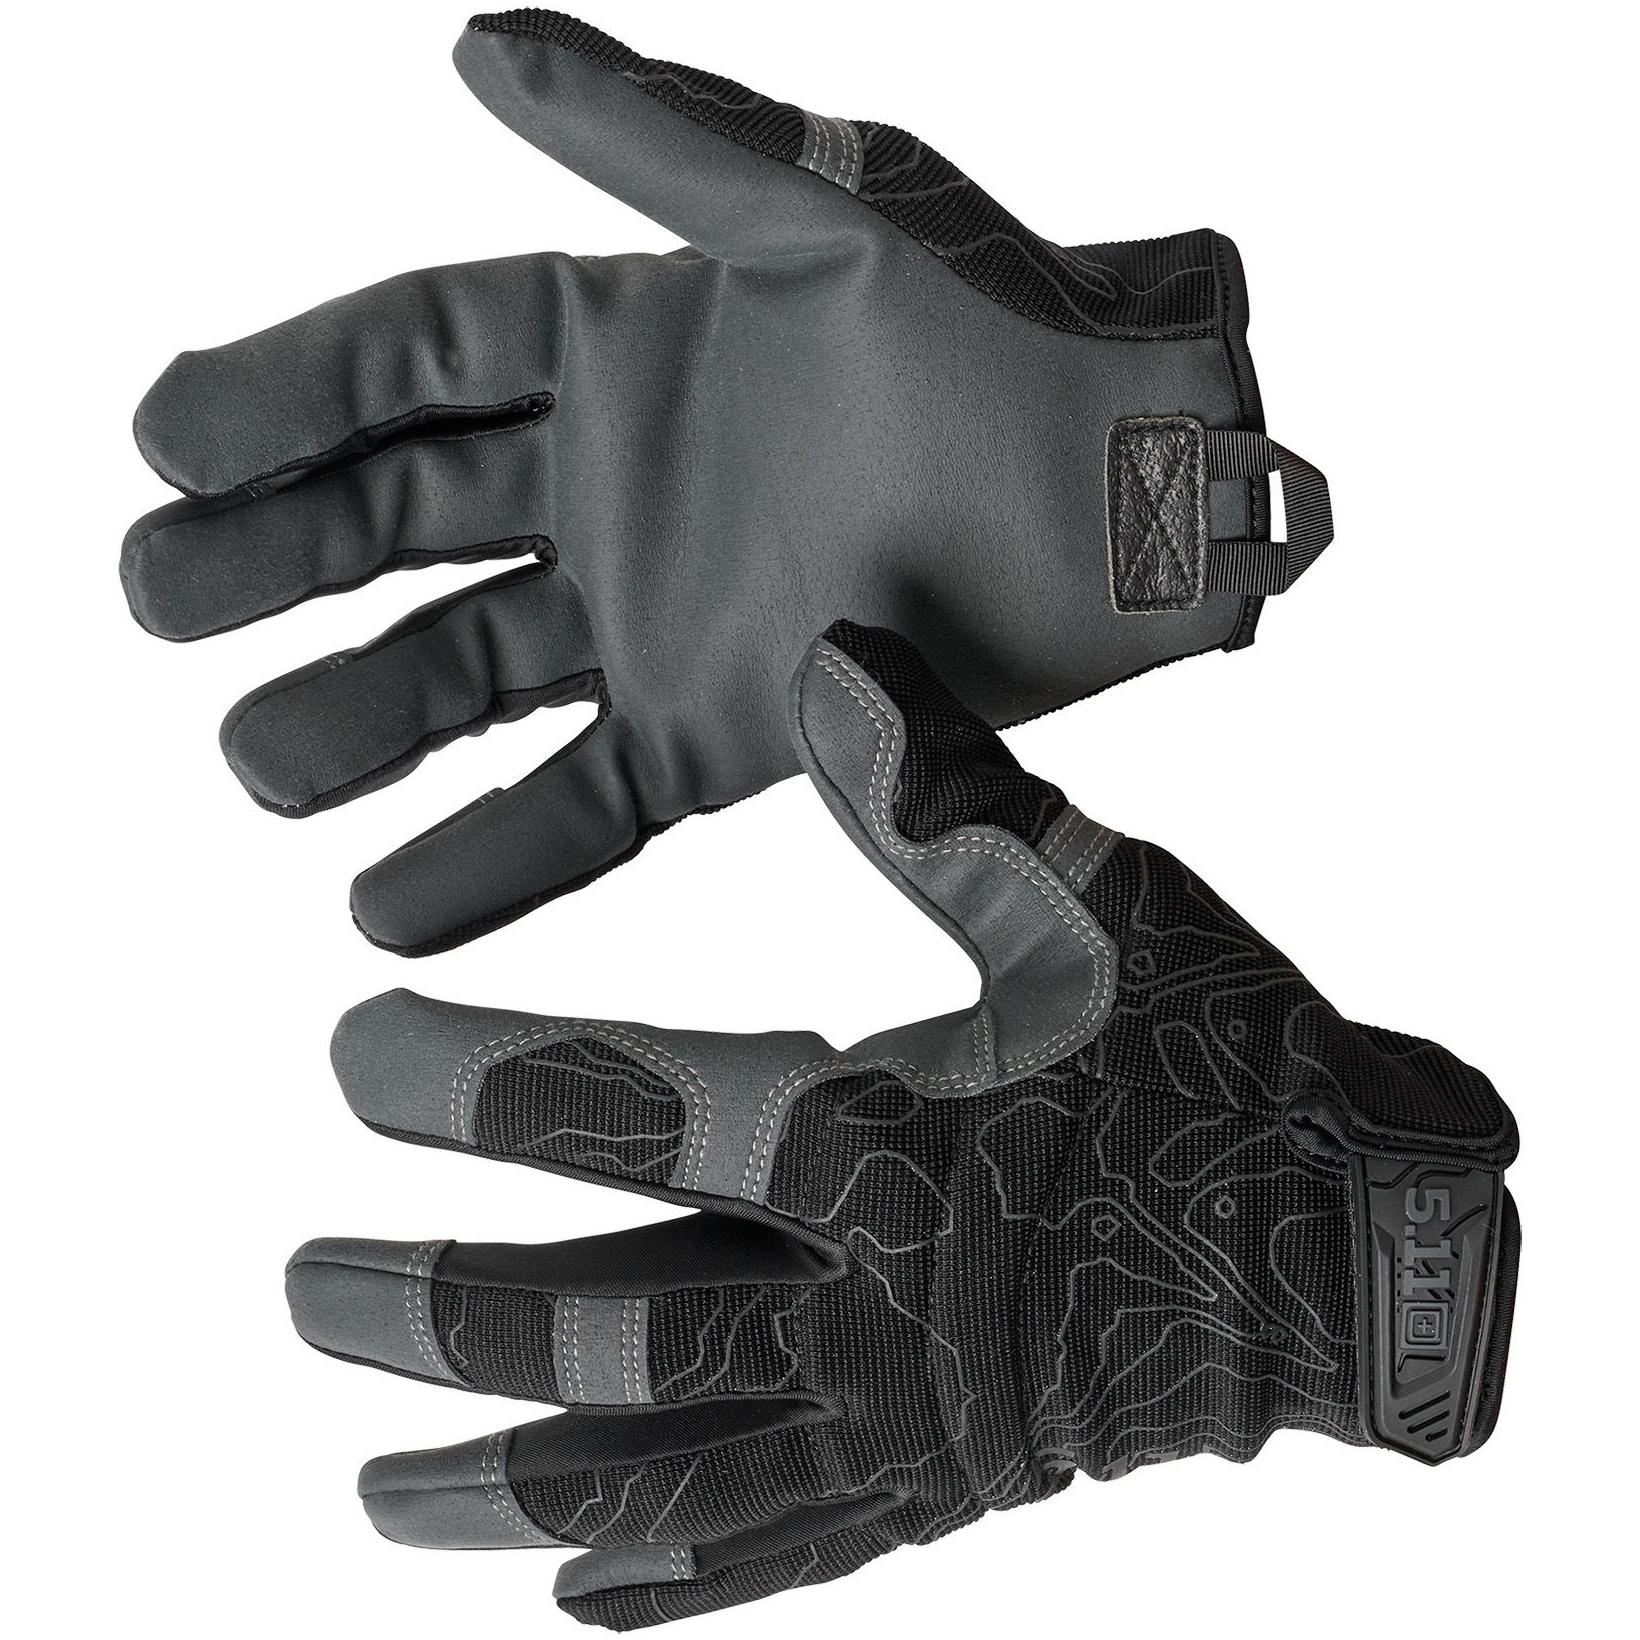 Тактические перчатки High Abrasion Black, 5.11 Tactical